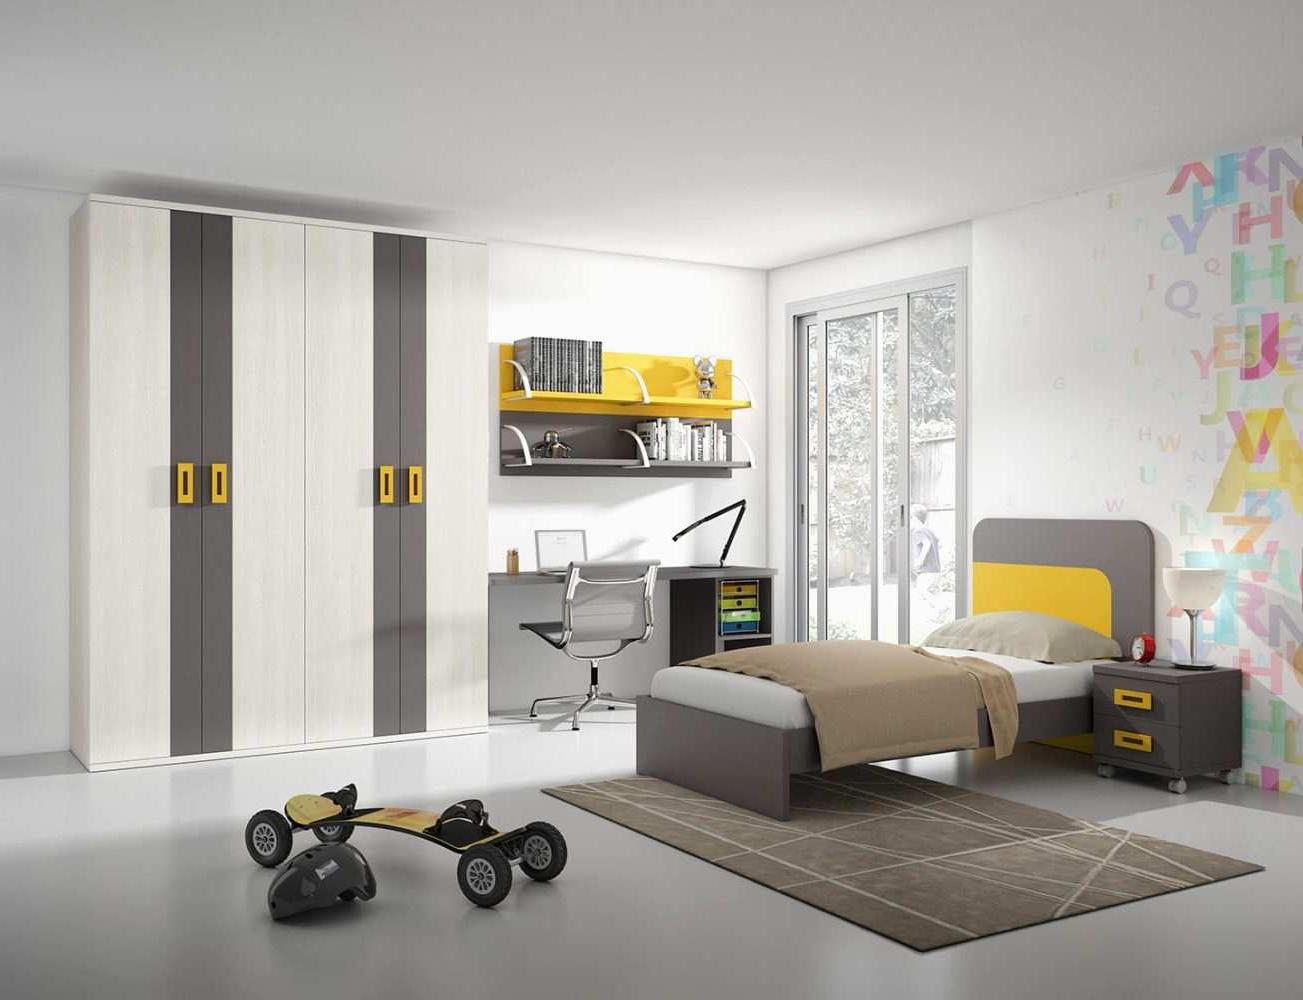 Tiendas Muebles Badajoz Xtd6 Un Dormitorio Para Hombre Muy original Dormitorios Juveniles